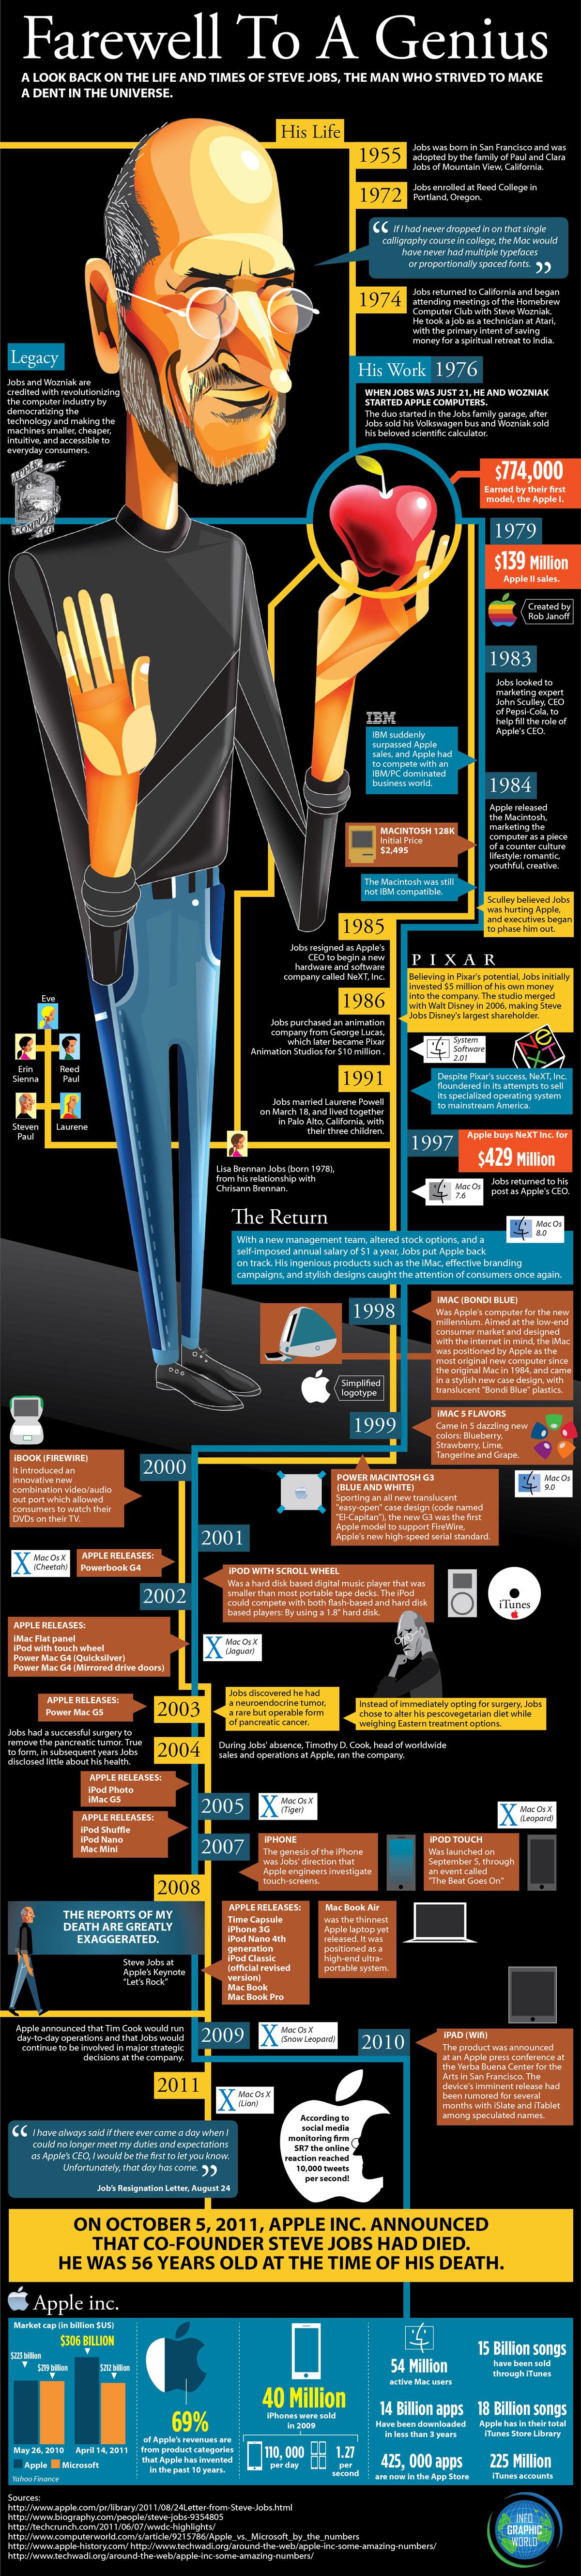 L'incontournable vie de Steve Jobs